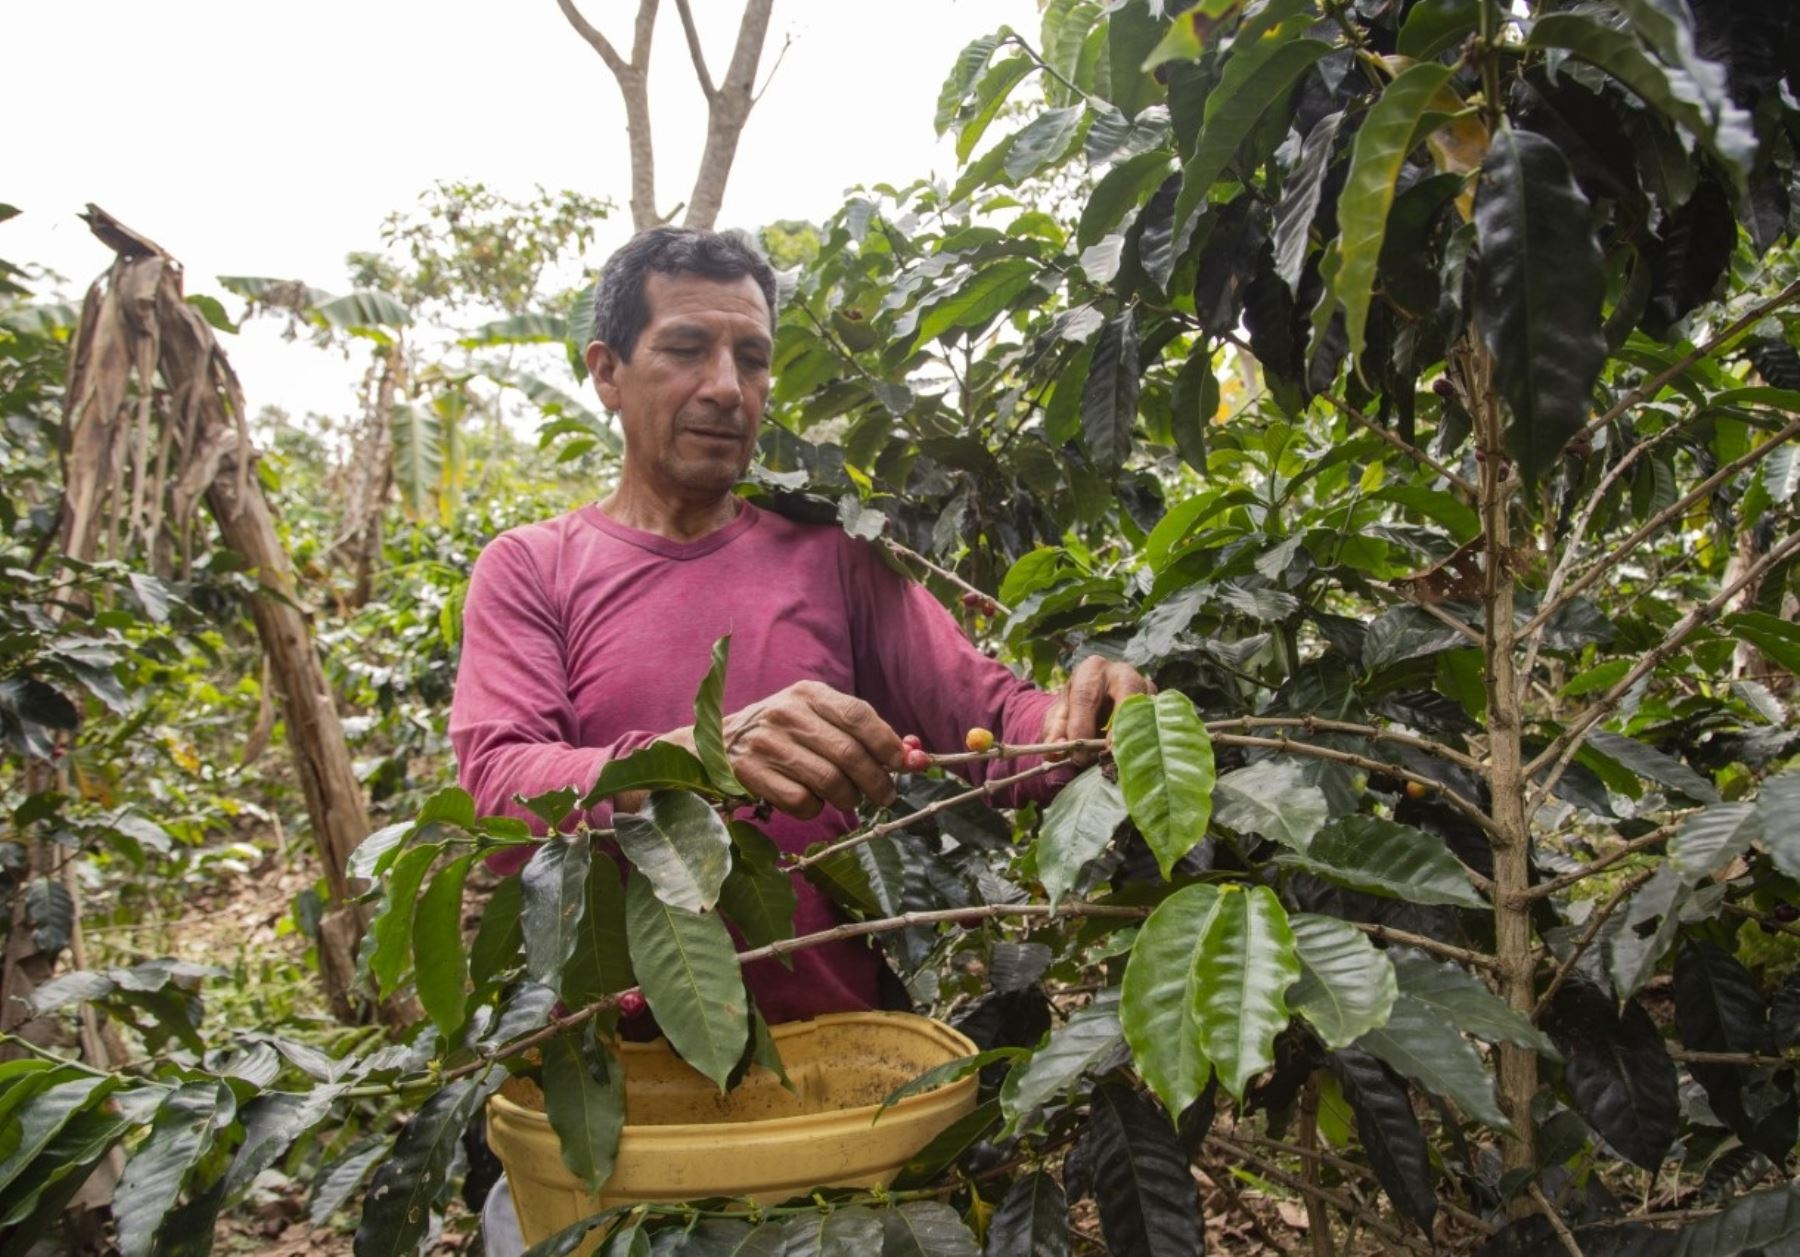 Resaltan el aporte del INIA en la mejora de la  productividad agrícola con semillas de alta calidad genética ANDINA/Difusión